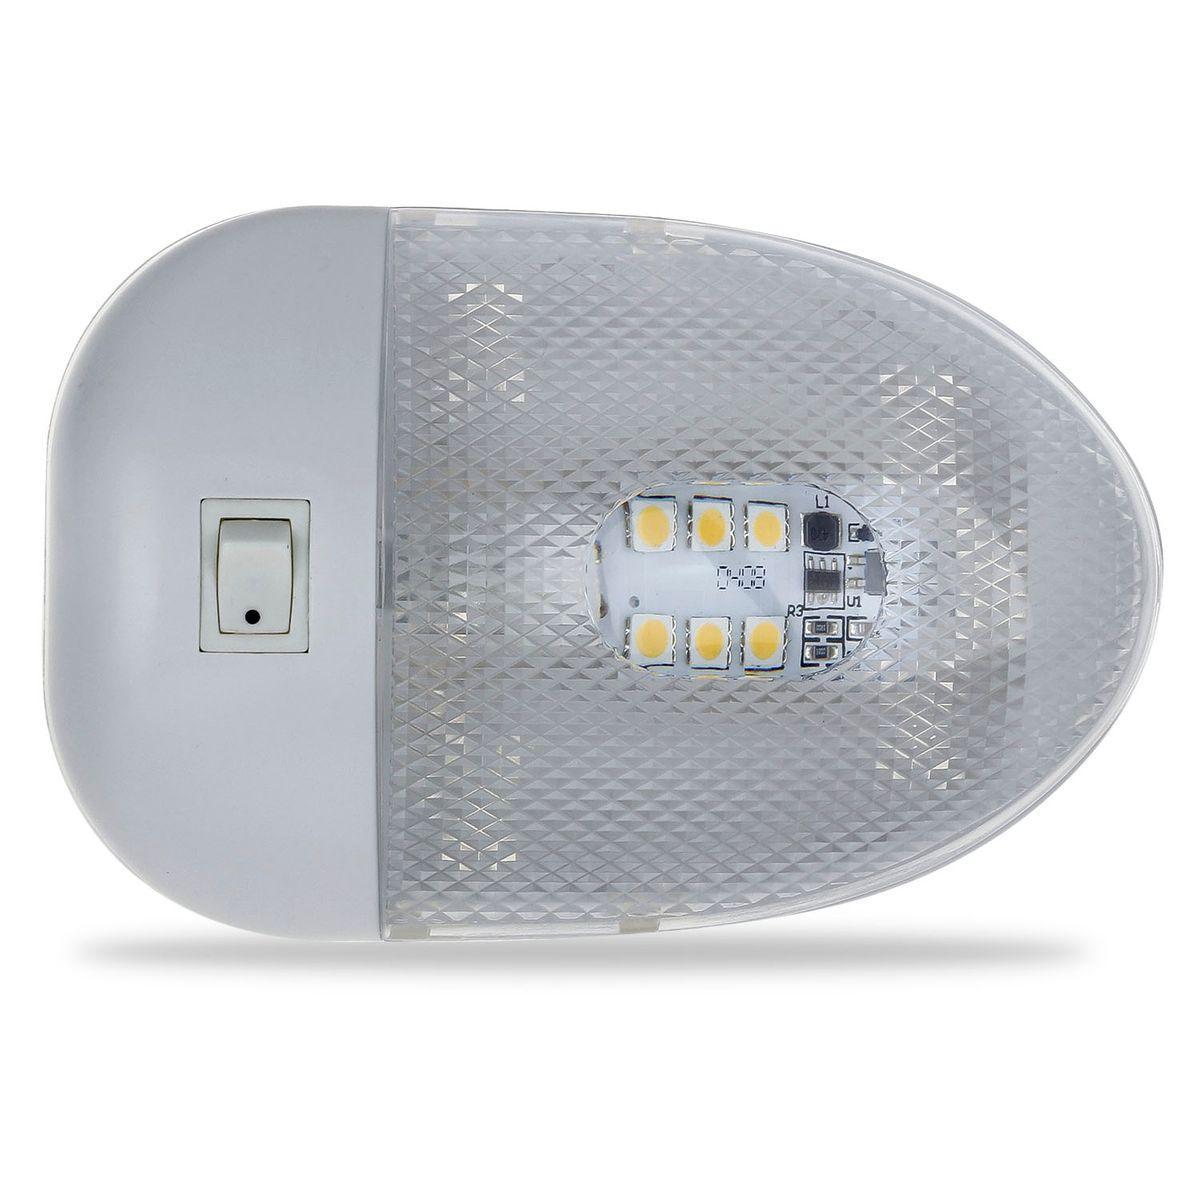 Dome Cargo Lights Fixtures 12v Led Ceiling Interior Camper Boat Rv Trailer Ebay